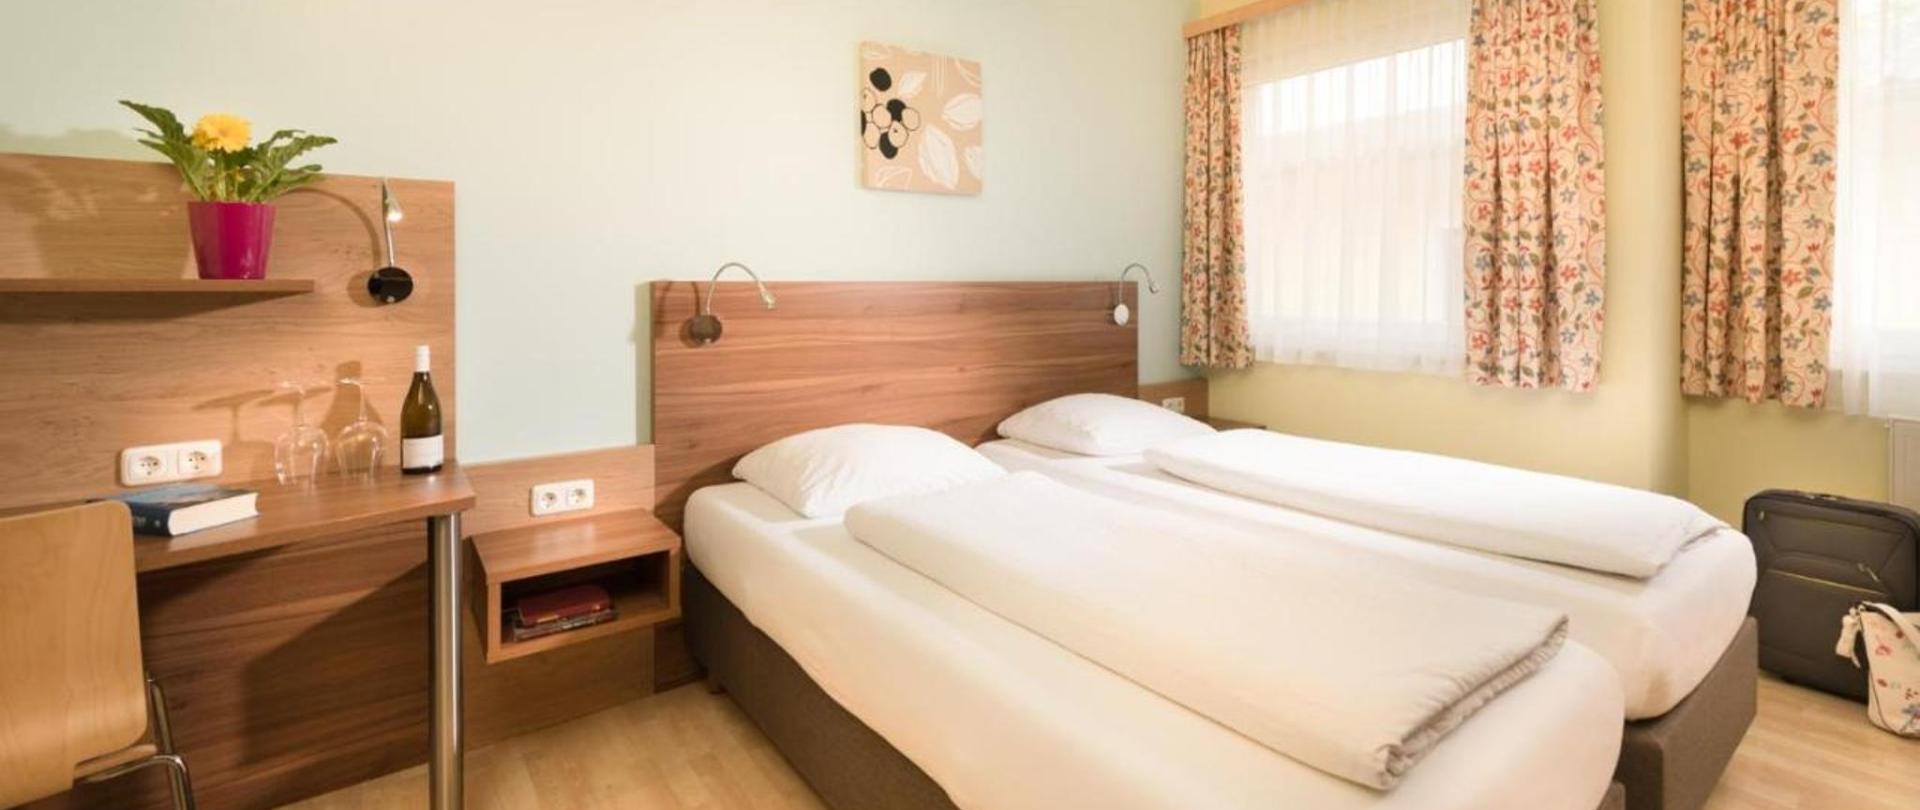 Doppel- Zweibettzimmer 1